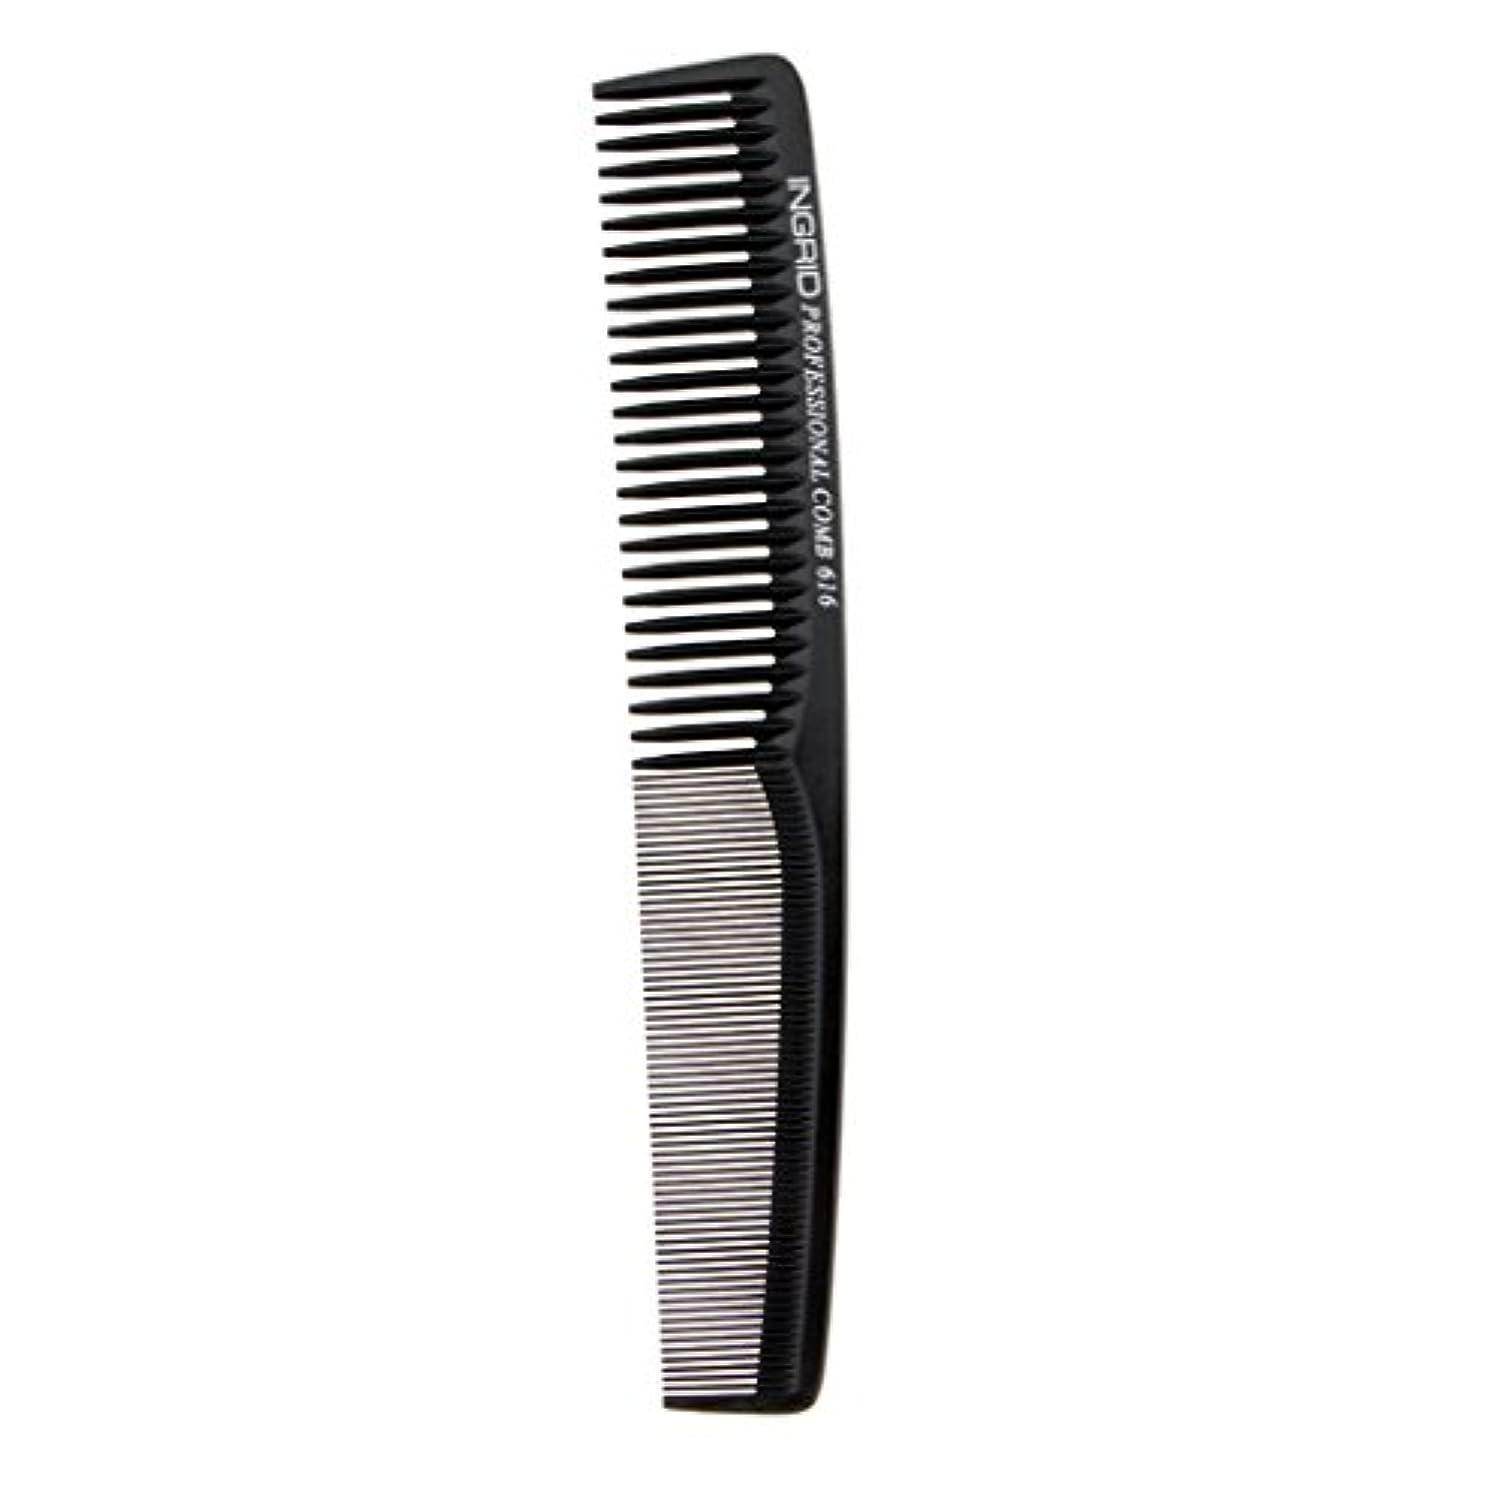 ヘアカットコーム 櫛 コーム 理髪店 ヘアケア 便利 全5色 - ブラック